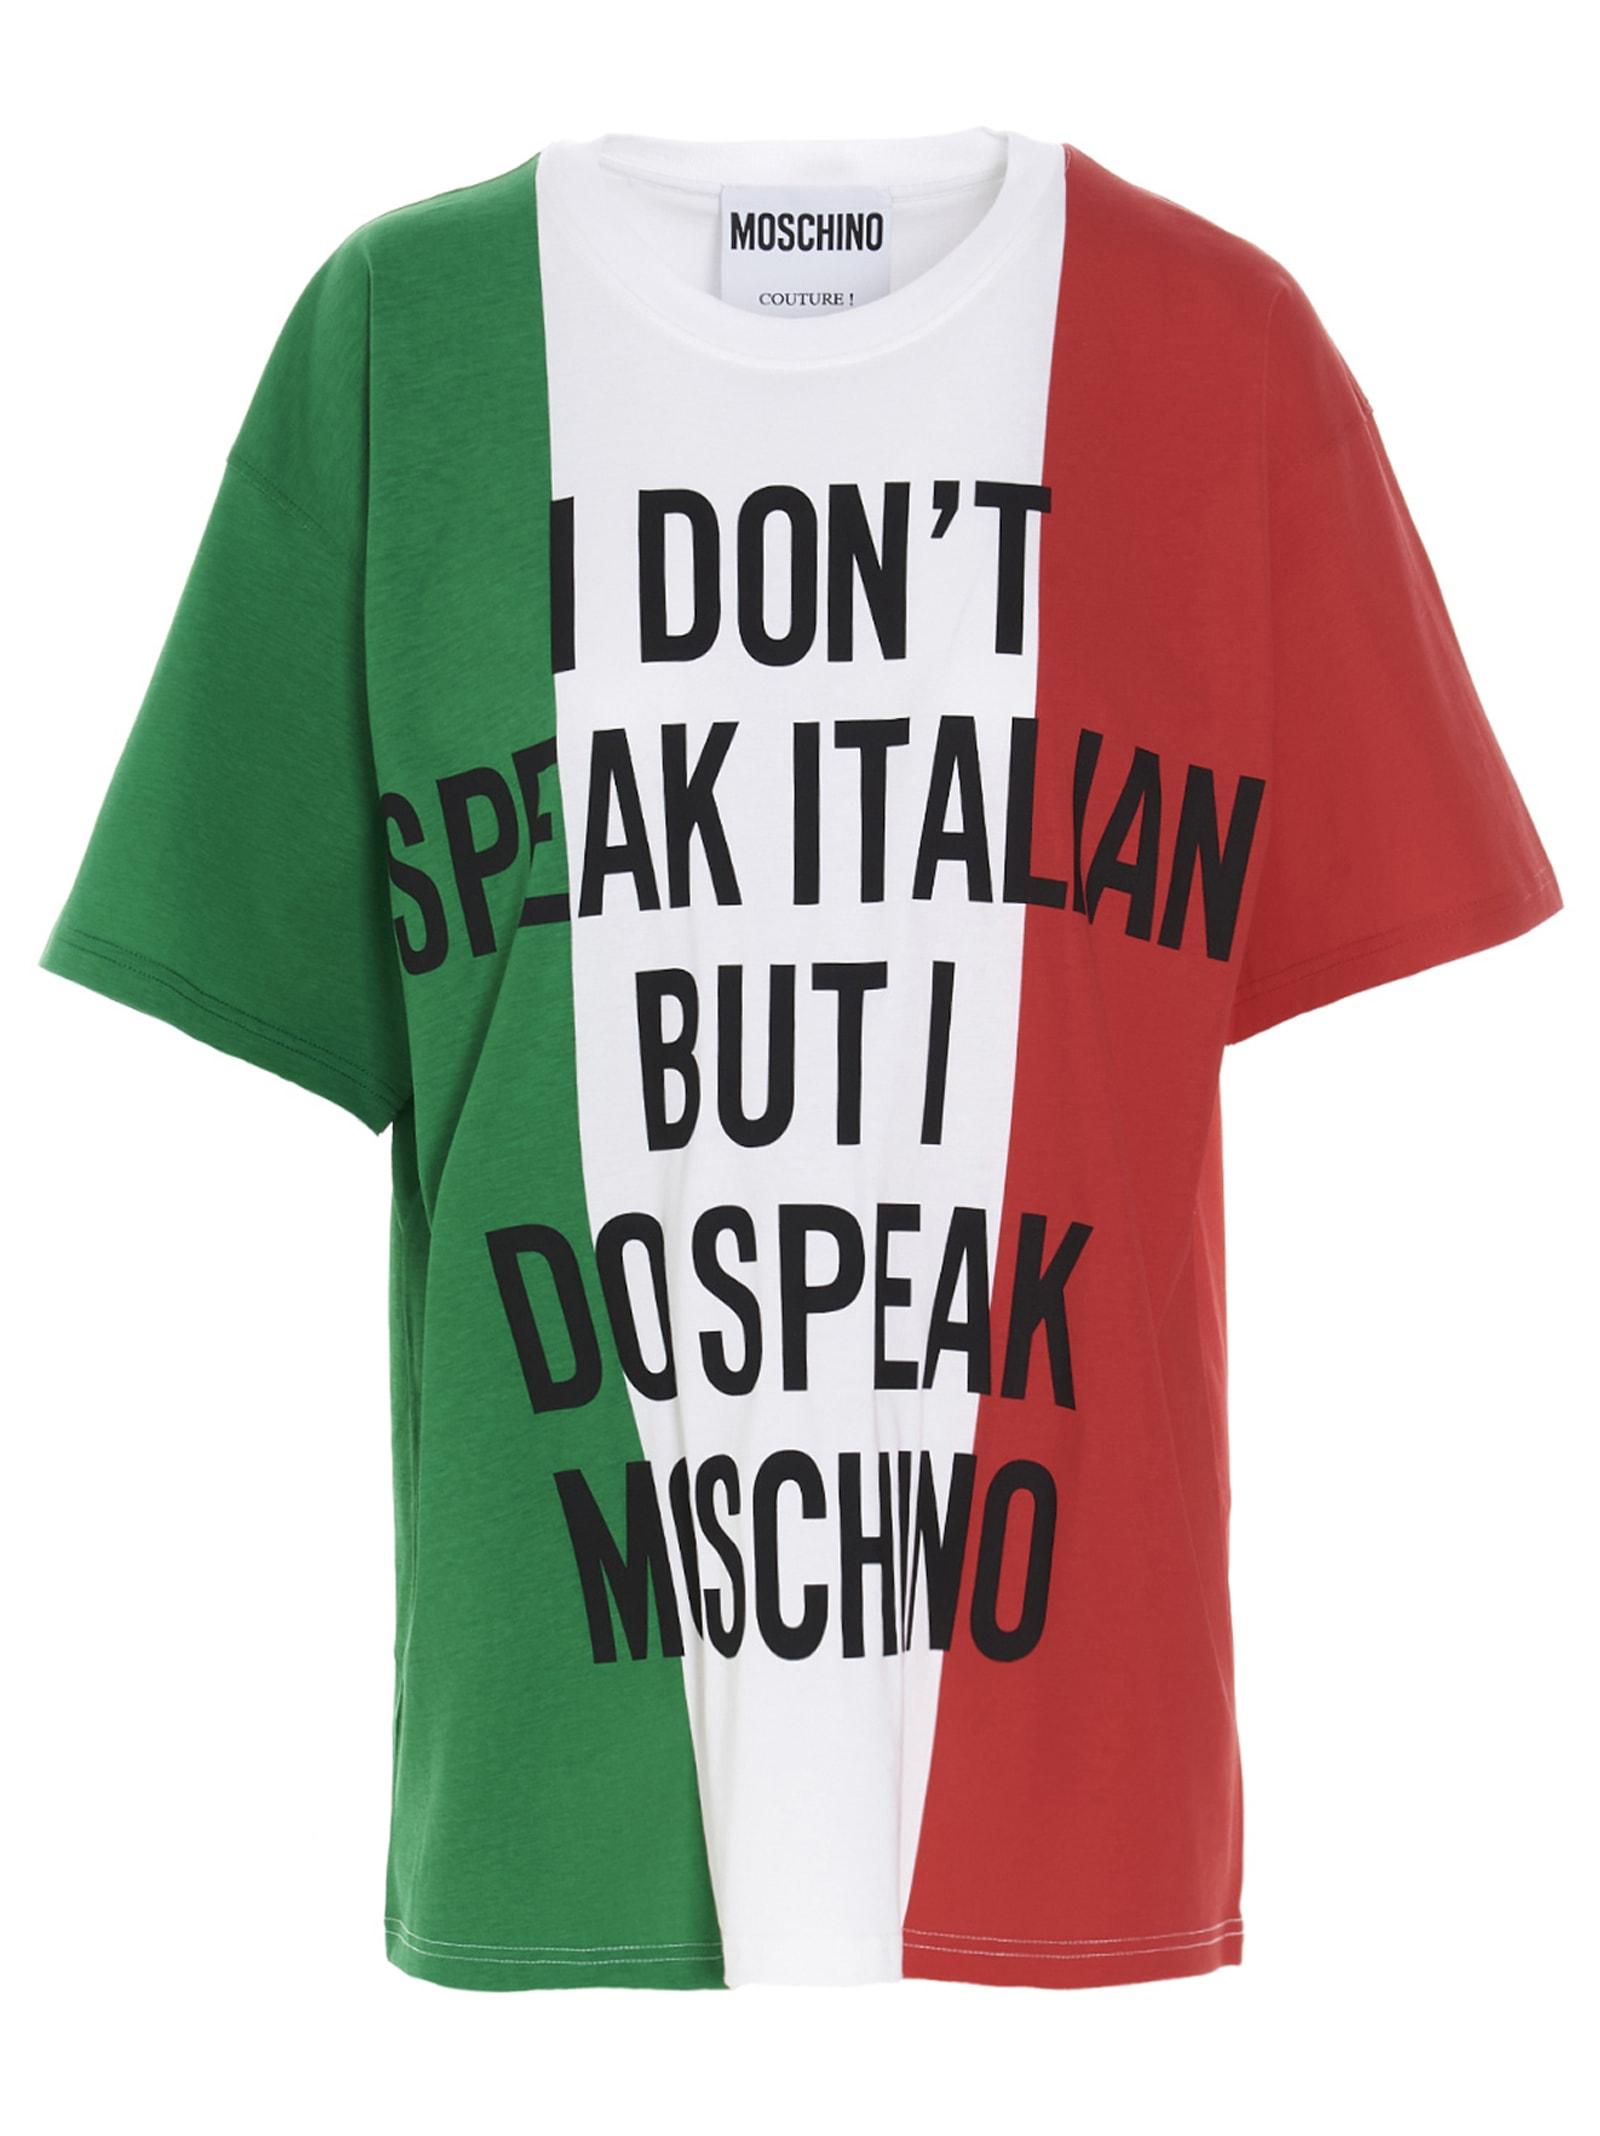 Moschino ITALIA T-SHIRT